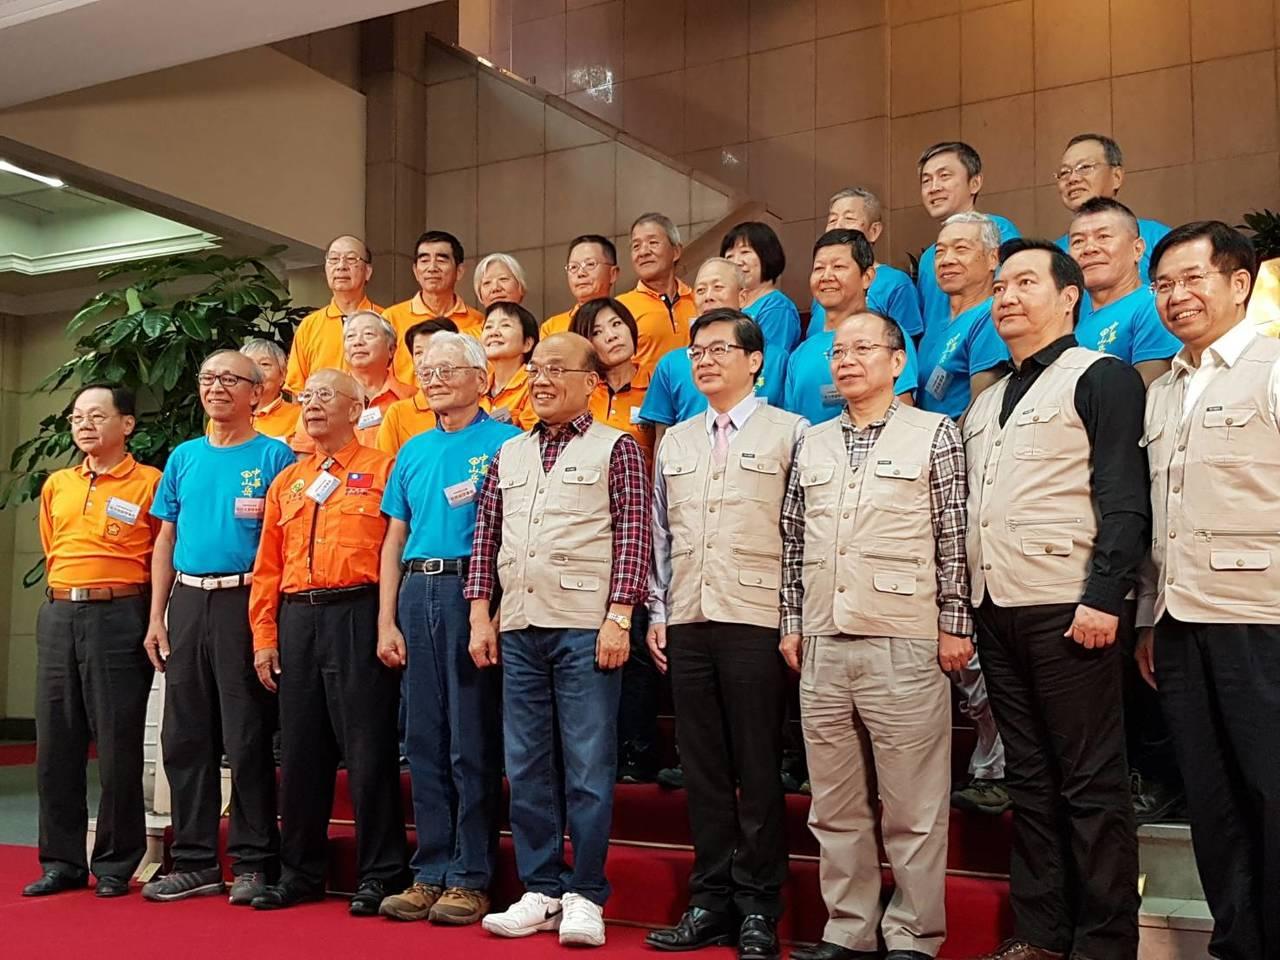 行政院長蘇貞昌今天正式宣布開放山林的五大政策主軸。記者/林麗玉攝影